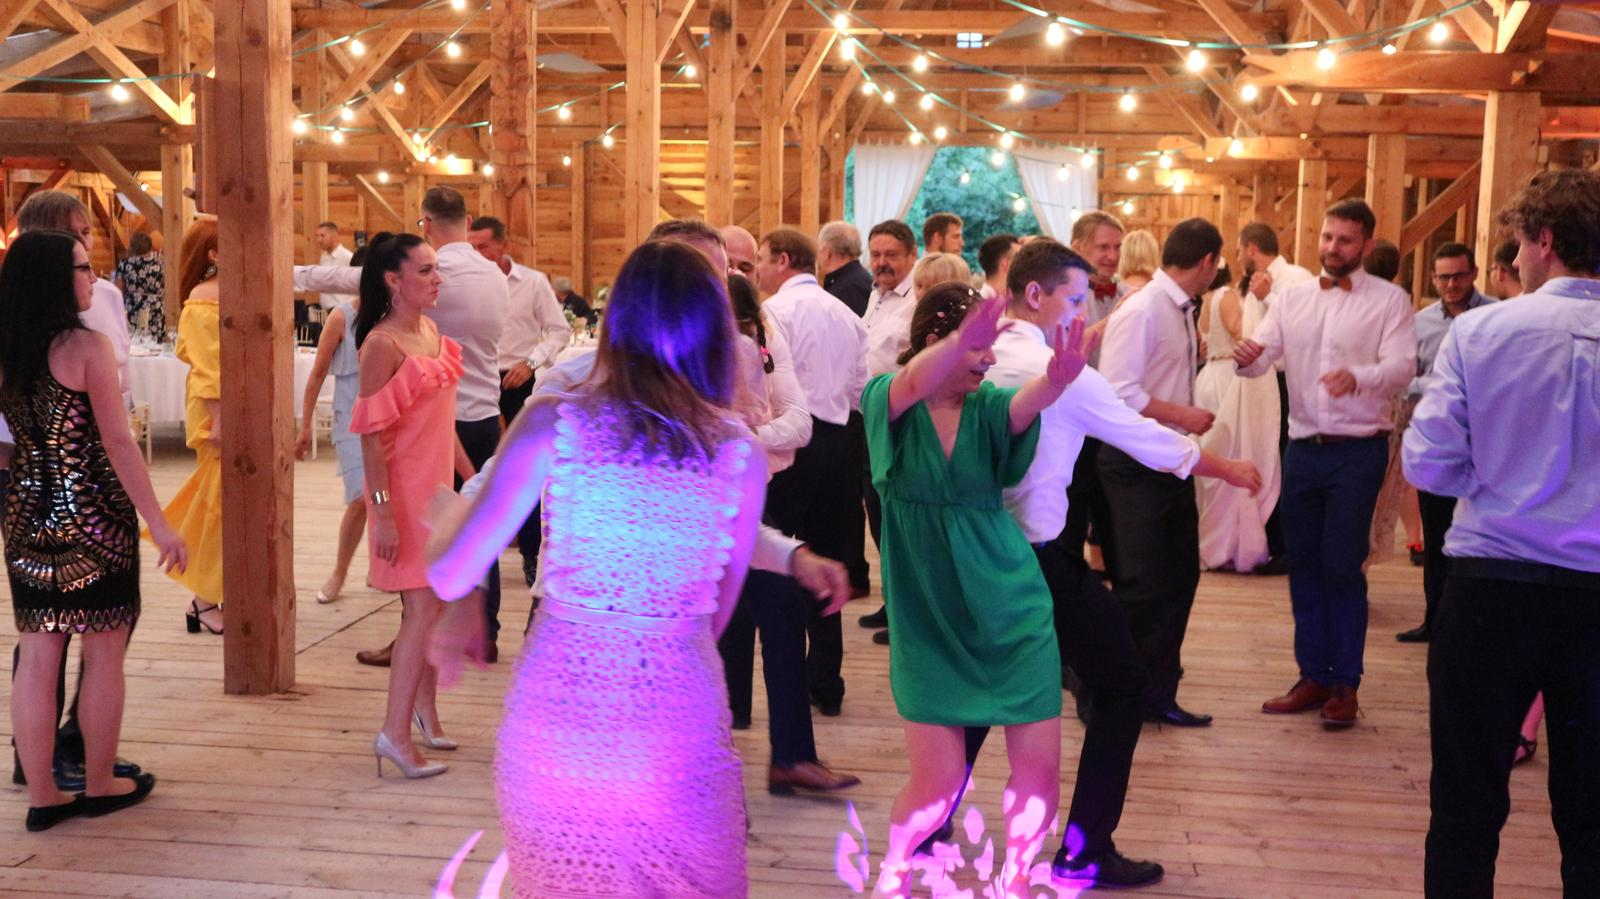 Svadba Nemšová - Ranch 13 stodola - dj eLLy d - Svadba Nemšová - Ranch 13 stodola - dj eLLy d